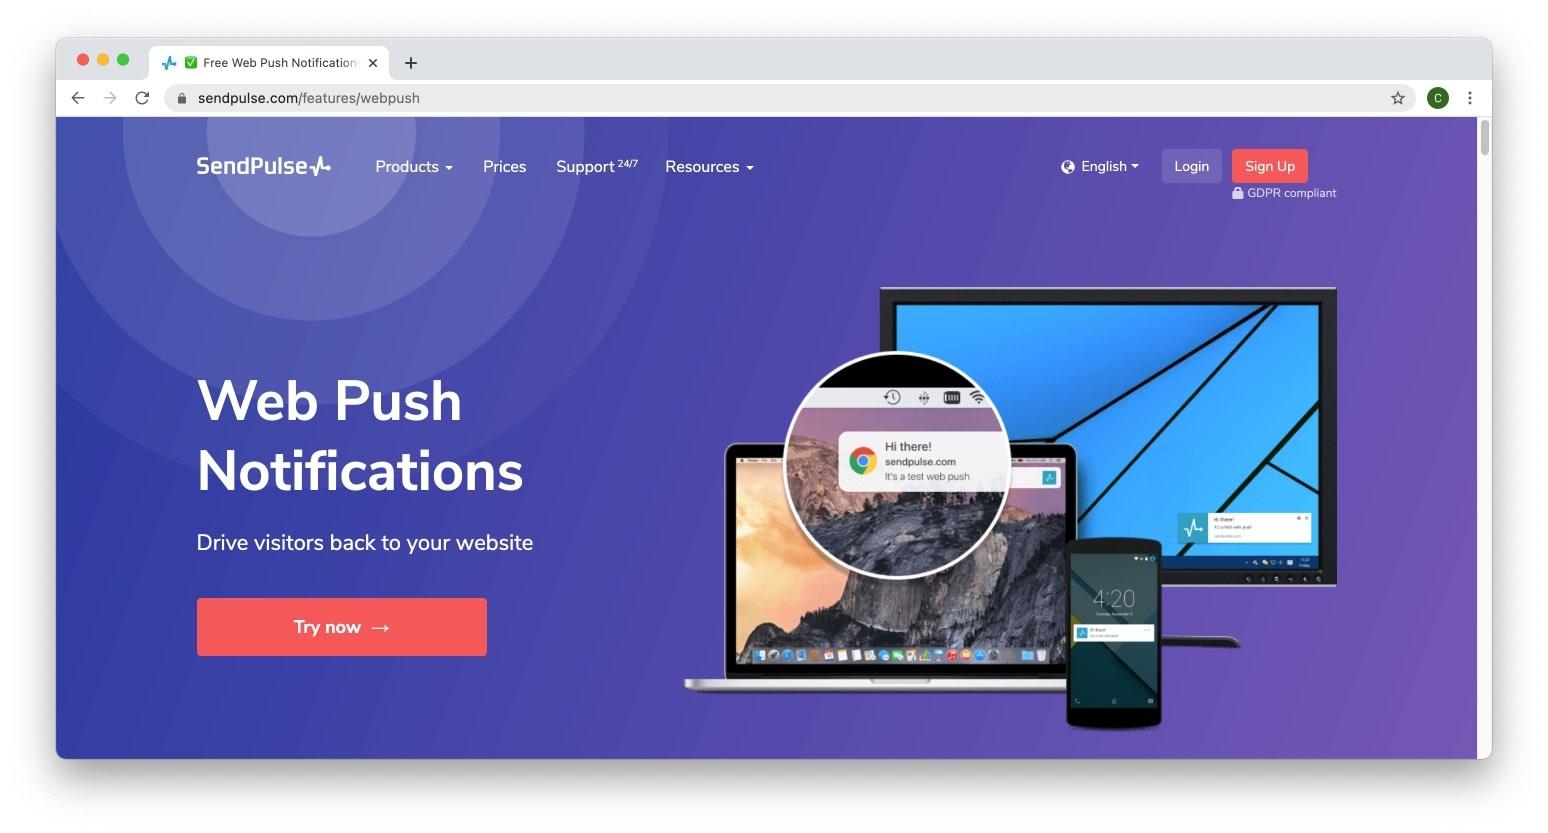 Sendpulse web push notifications